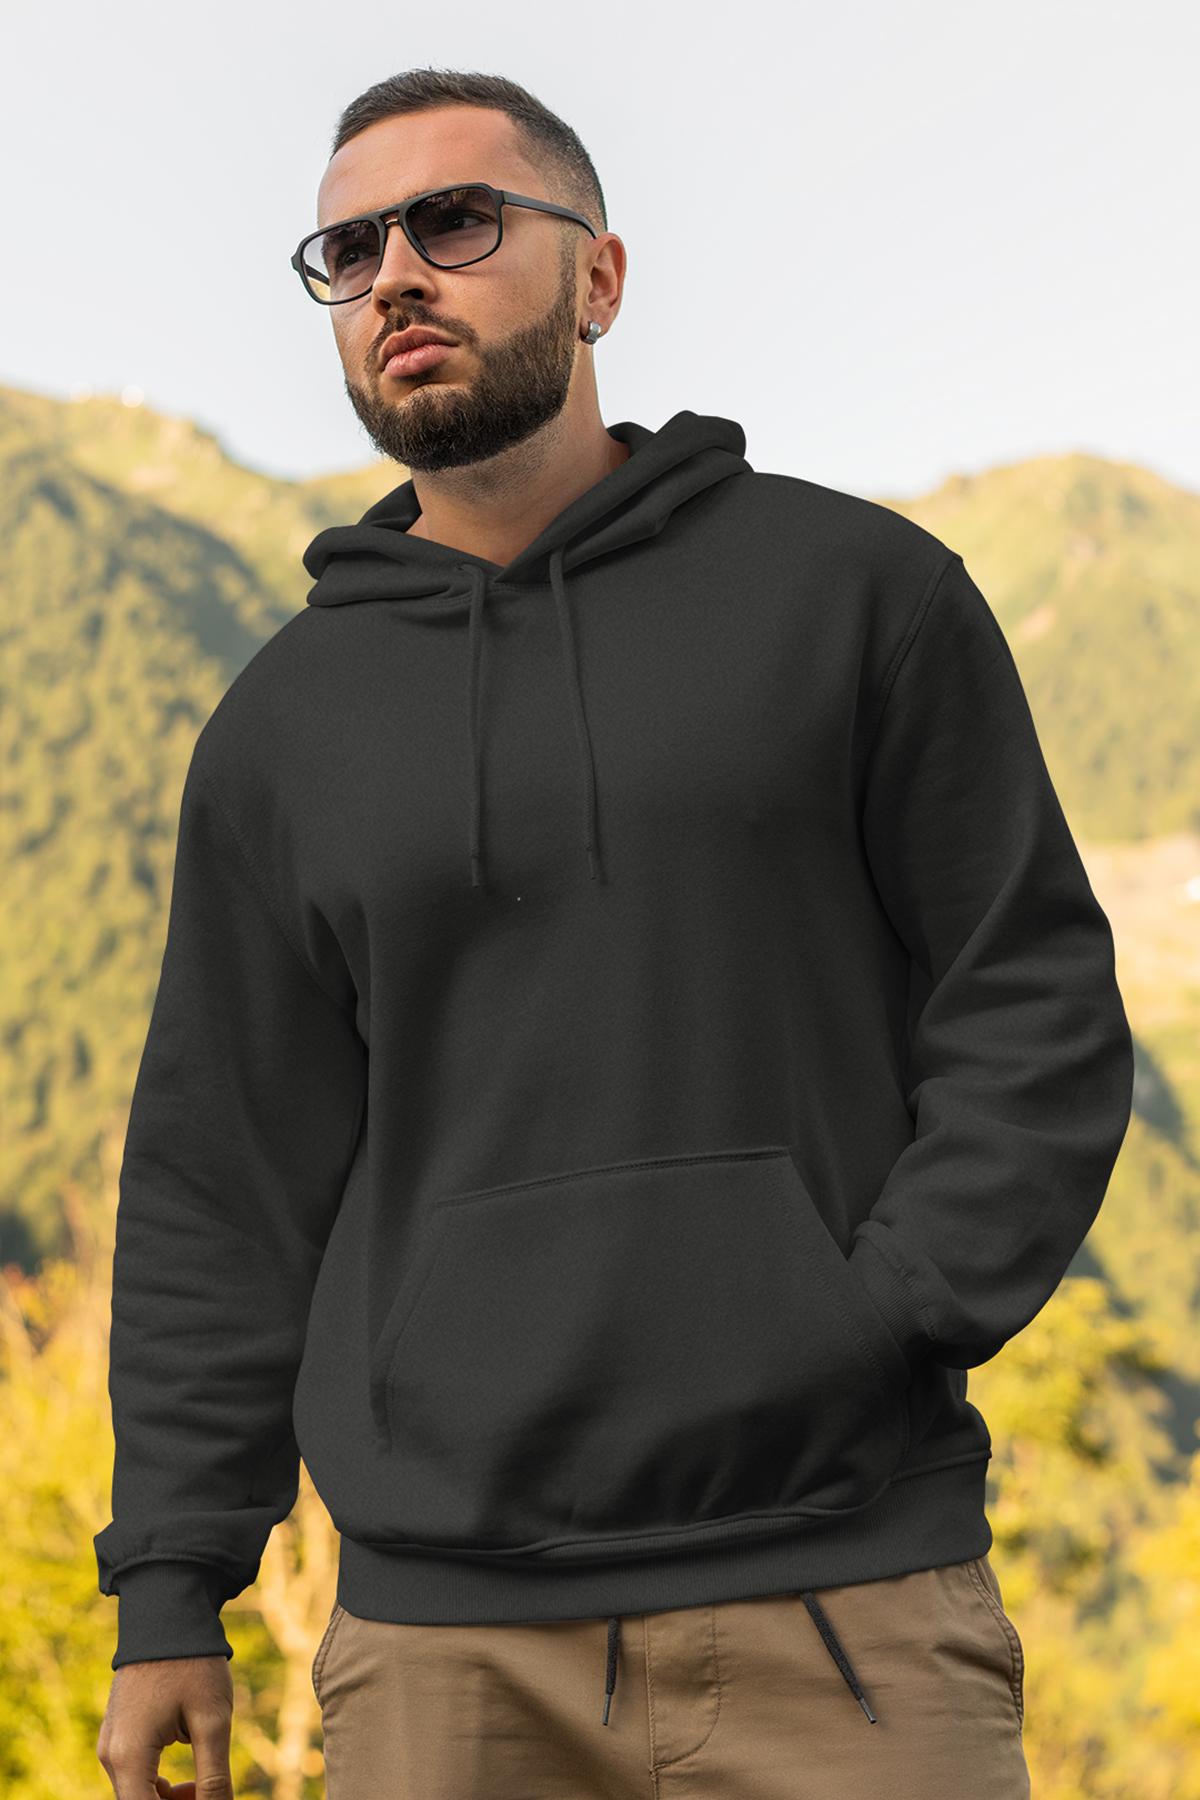 Siyah Erkek Kapşonlu Sweatshirt - Hoodie